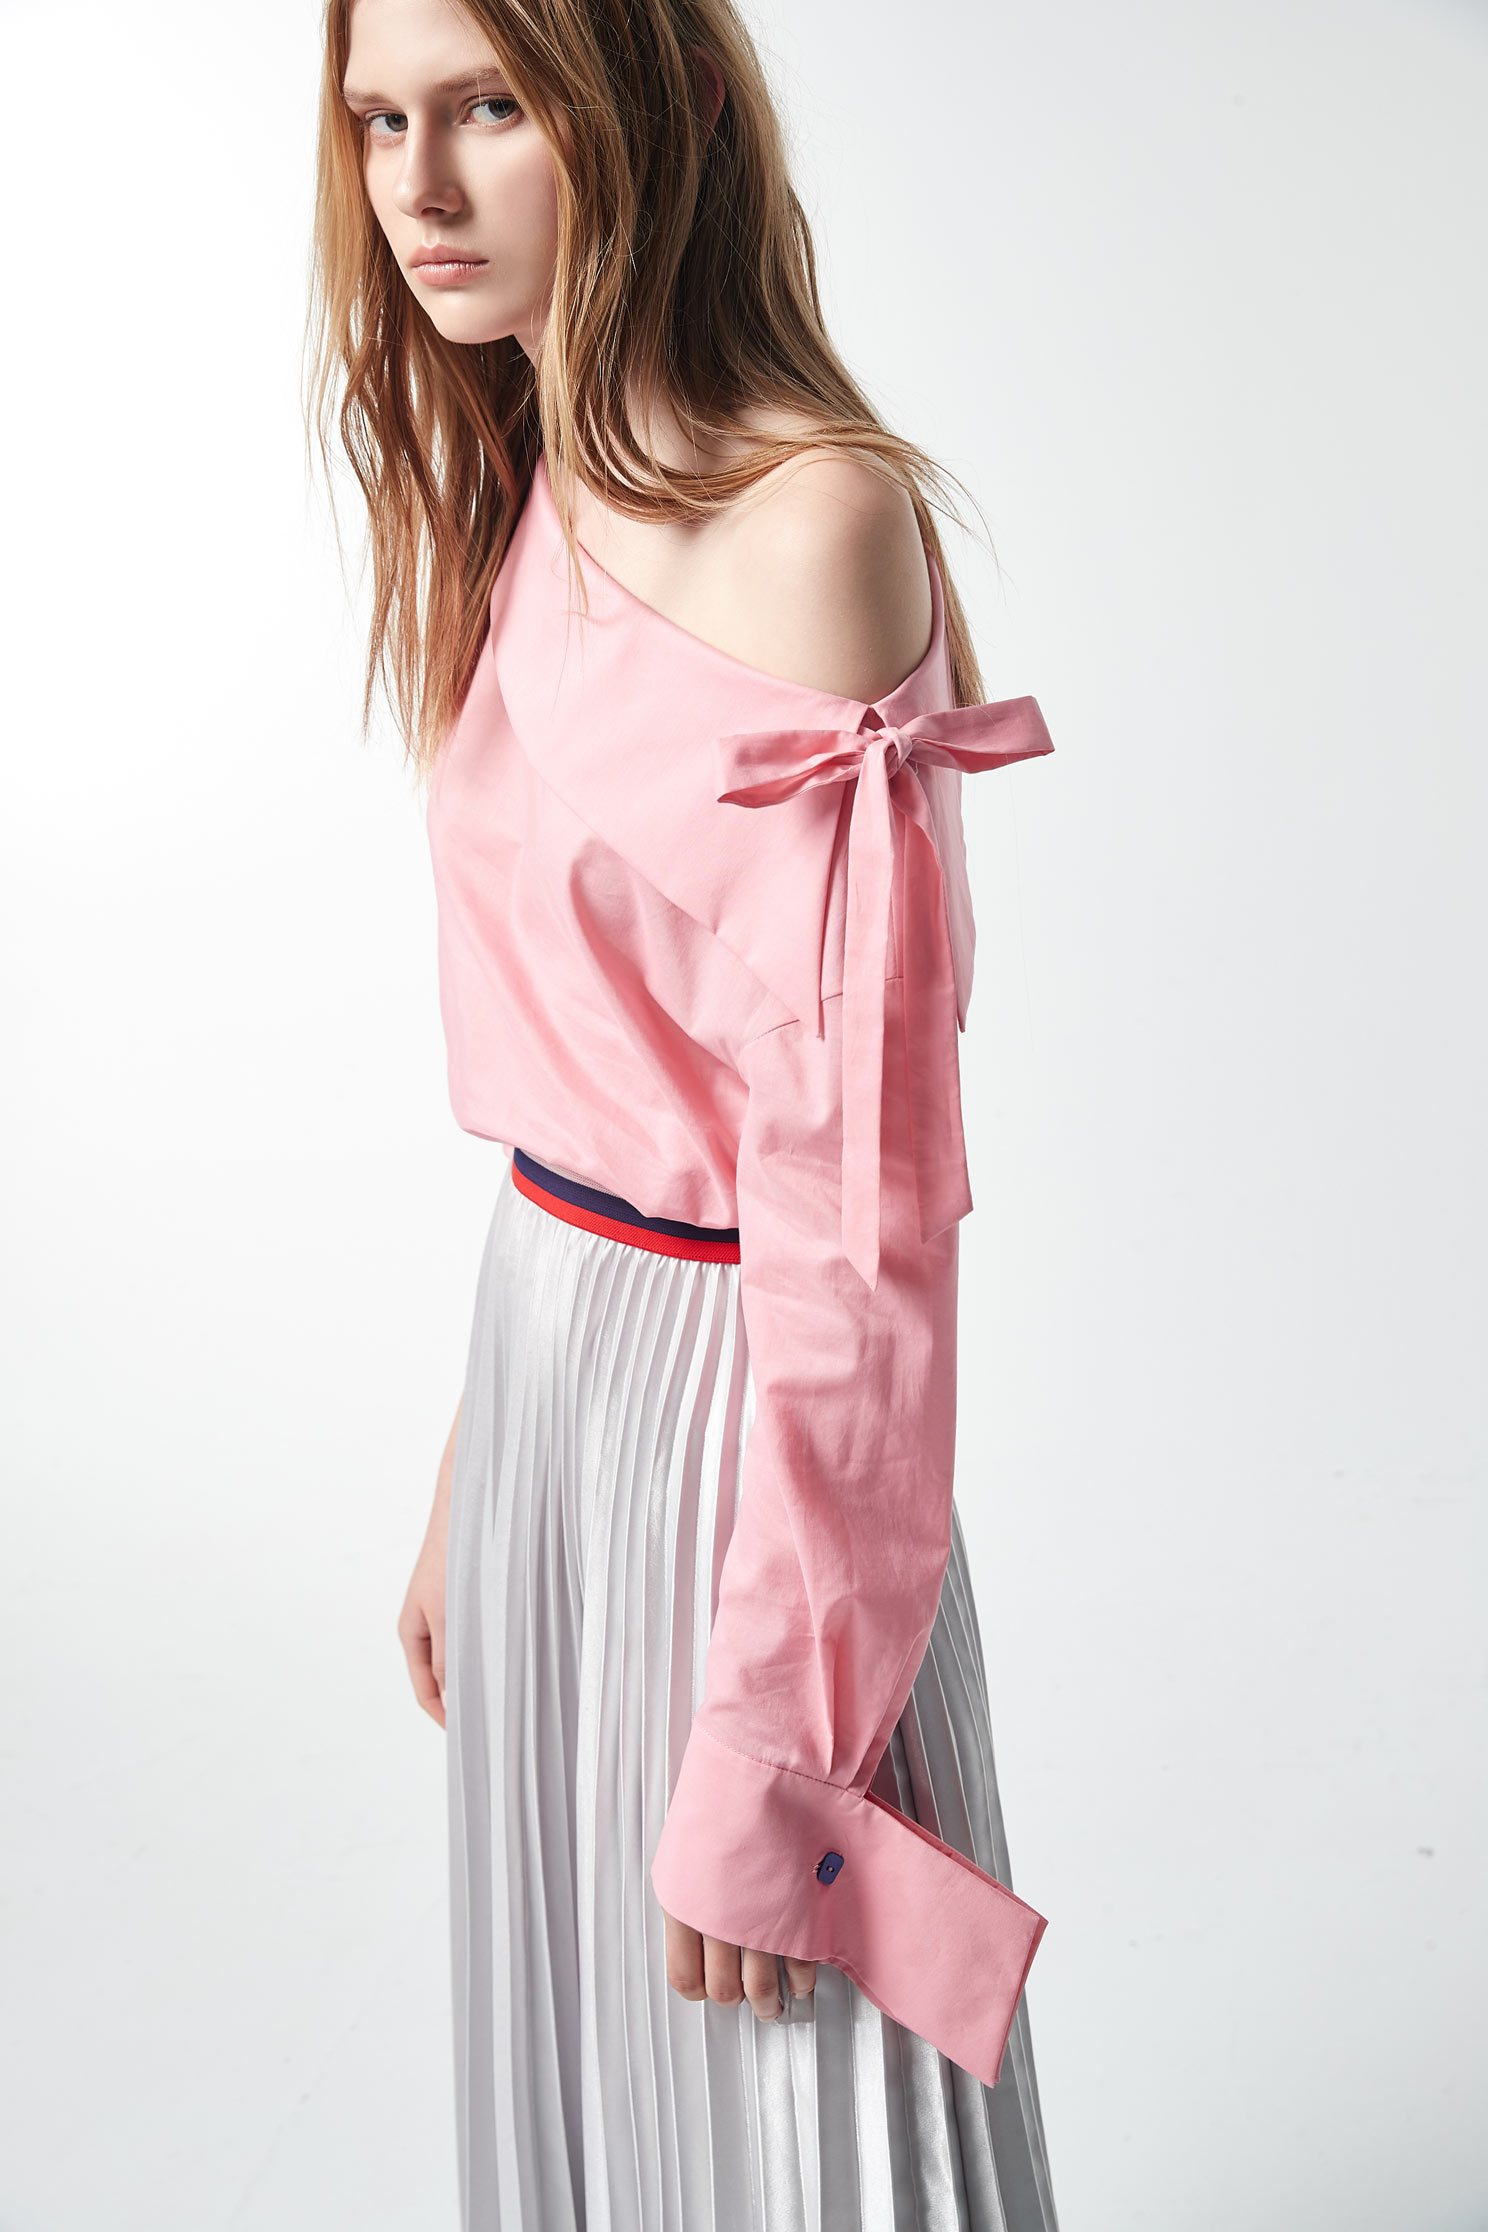 Blue / Pink Svelte Dress,Top,Shoulder Top,Cotton,Blouse,長袖上衣